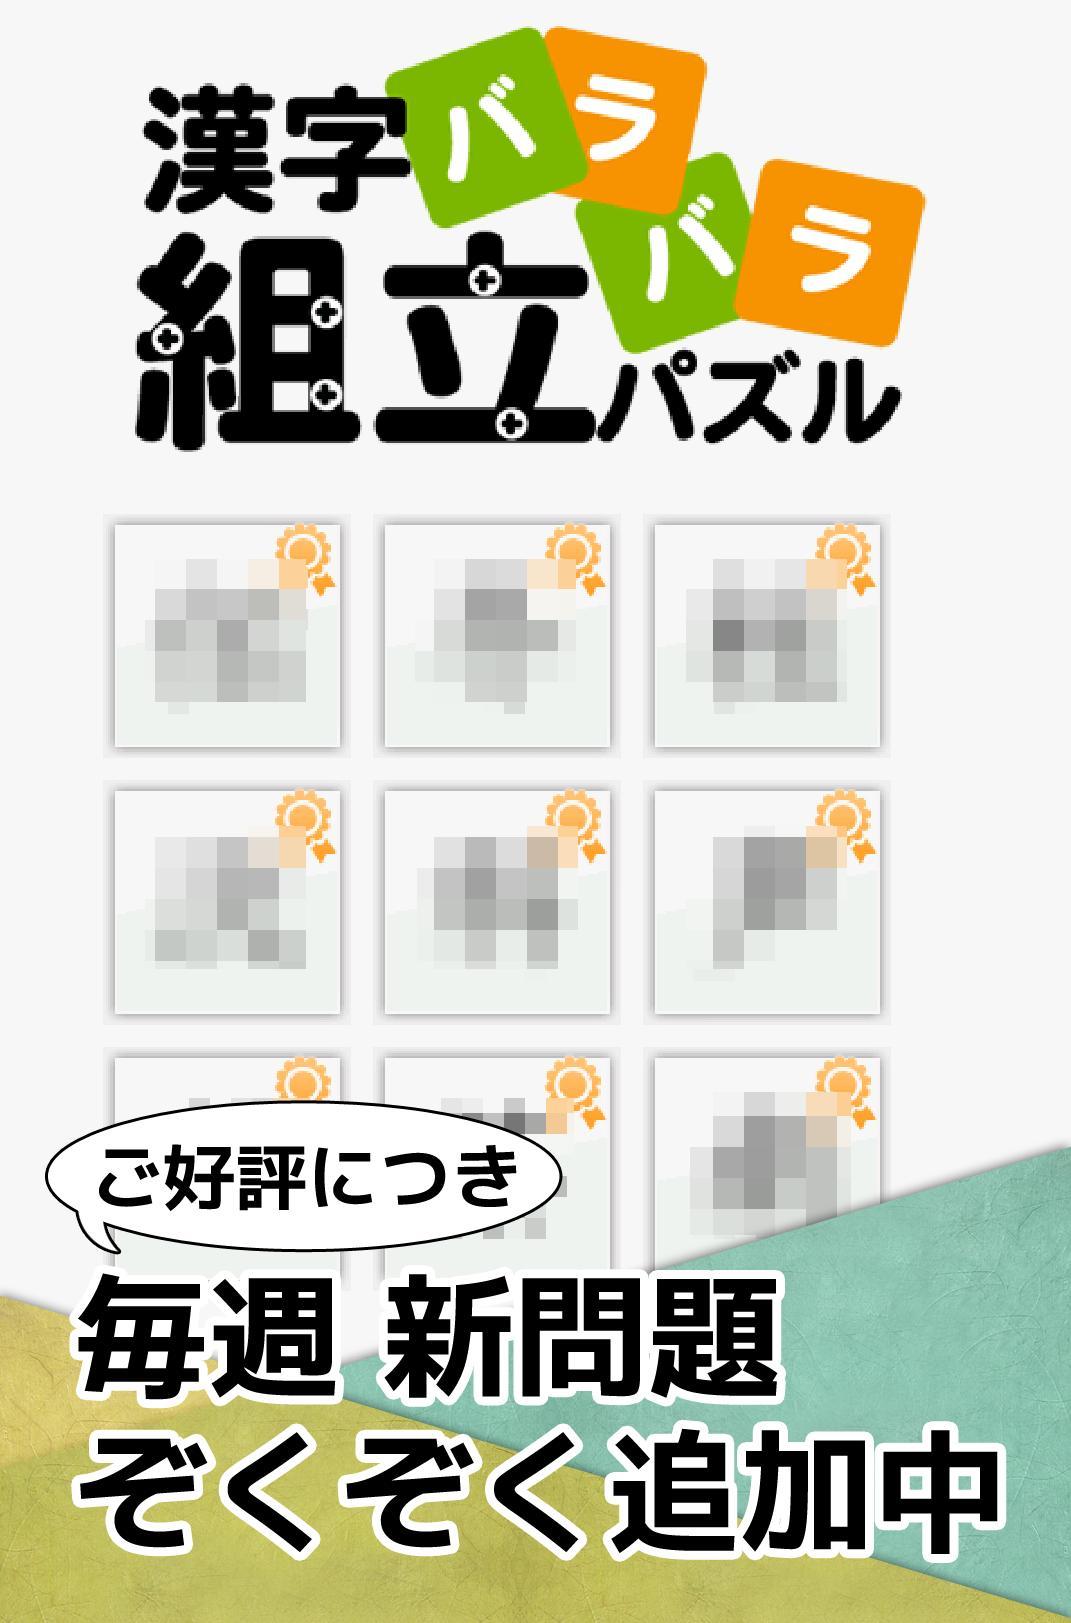 無料 漢字 パズル